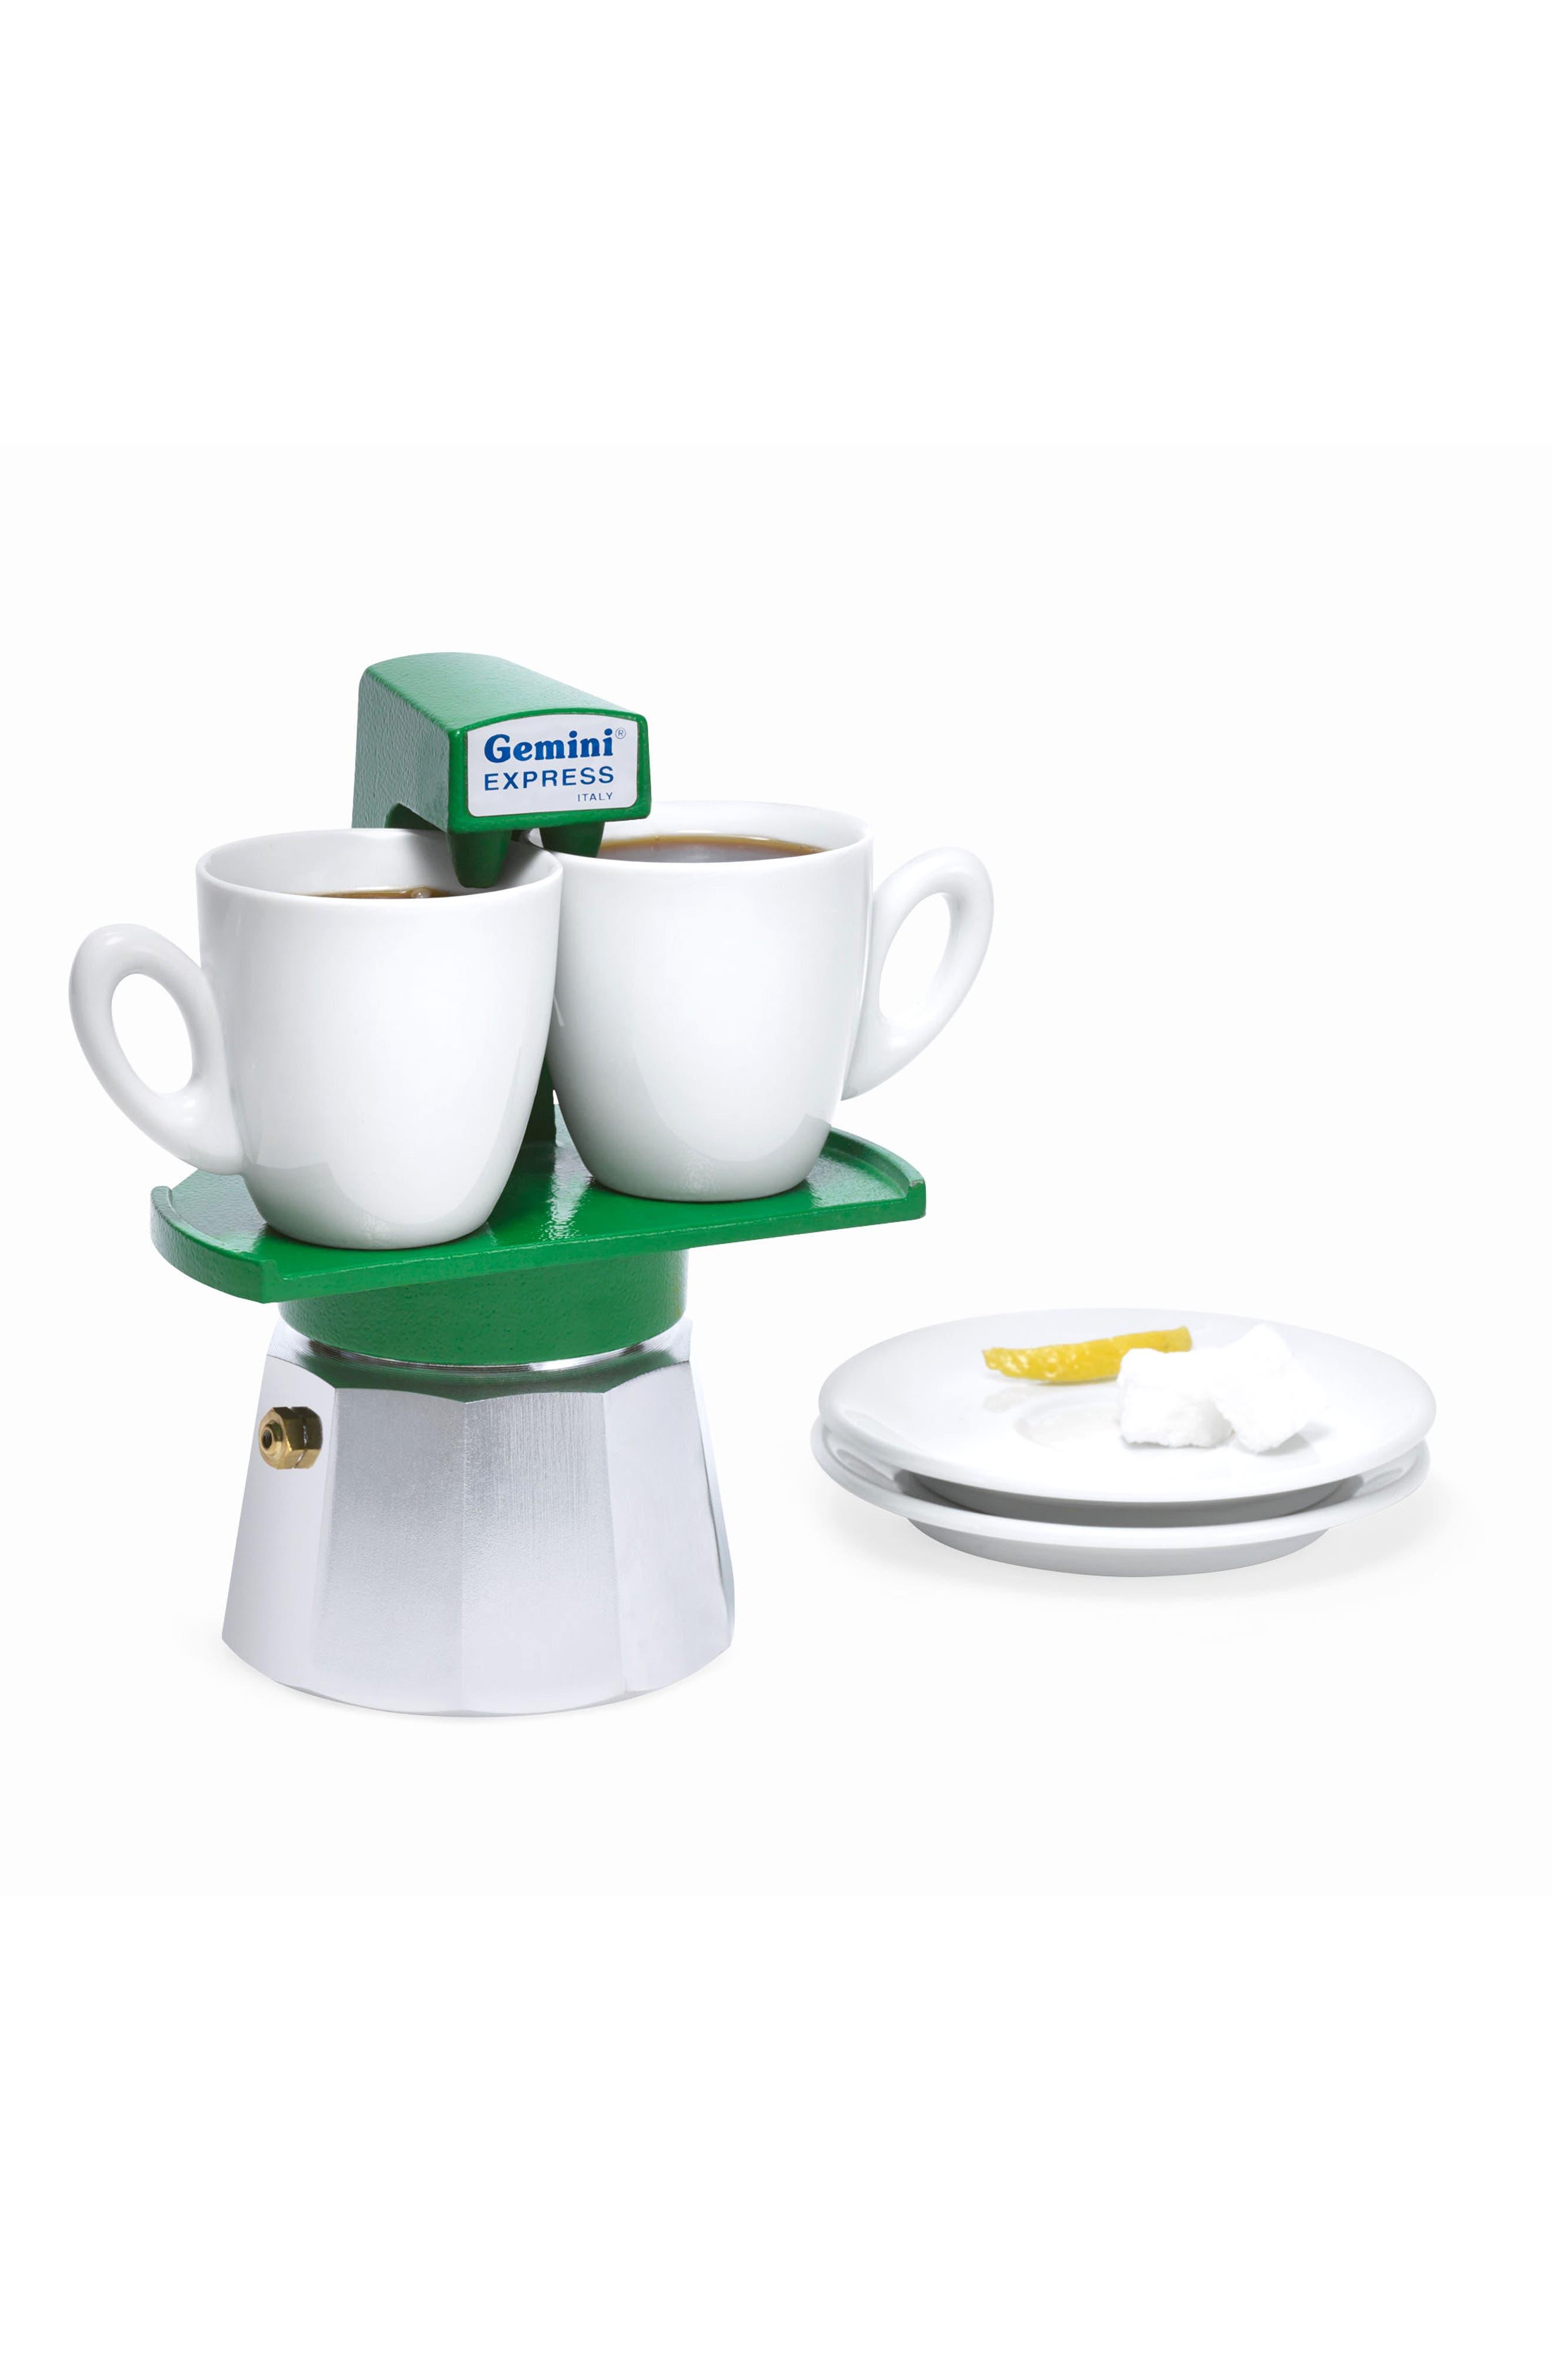 MoMA Design Store Gemini Espresso Maker